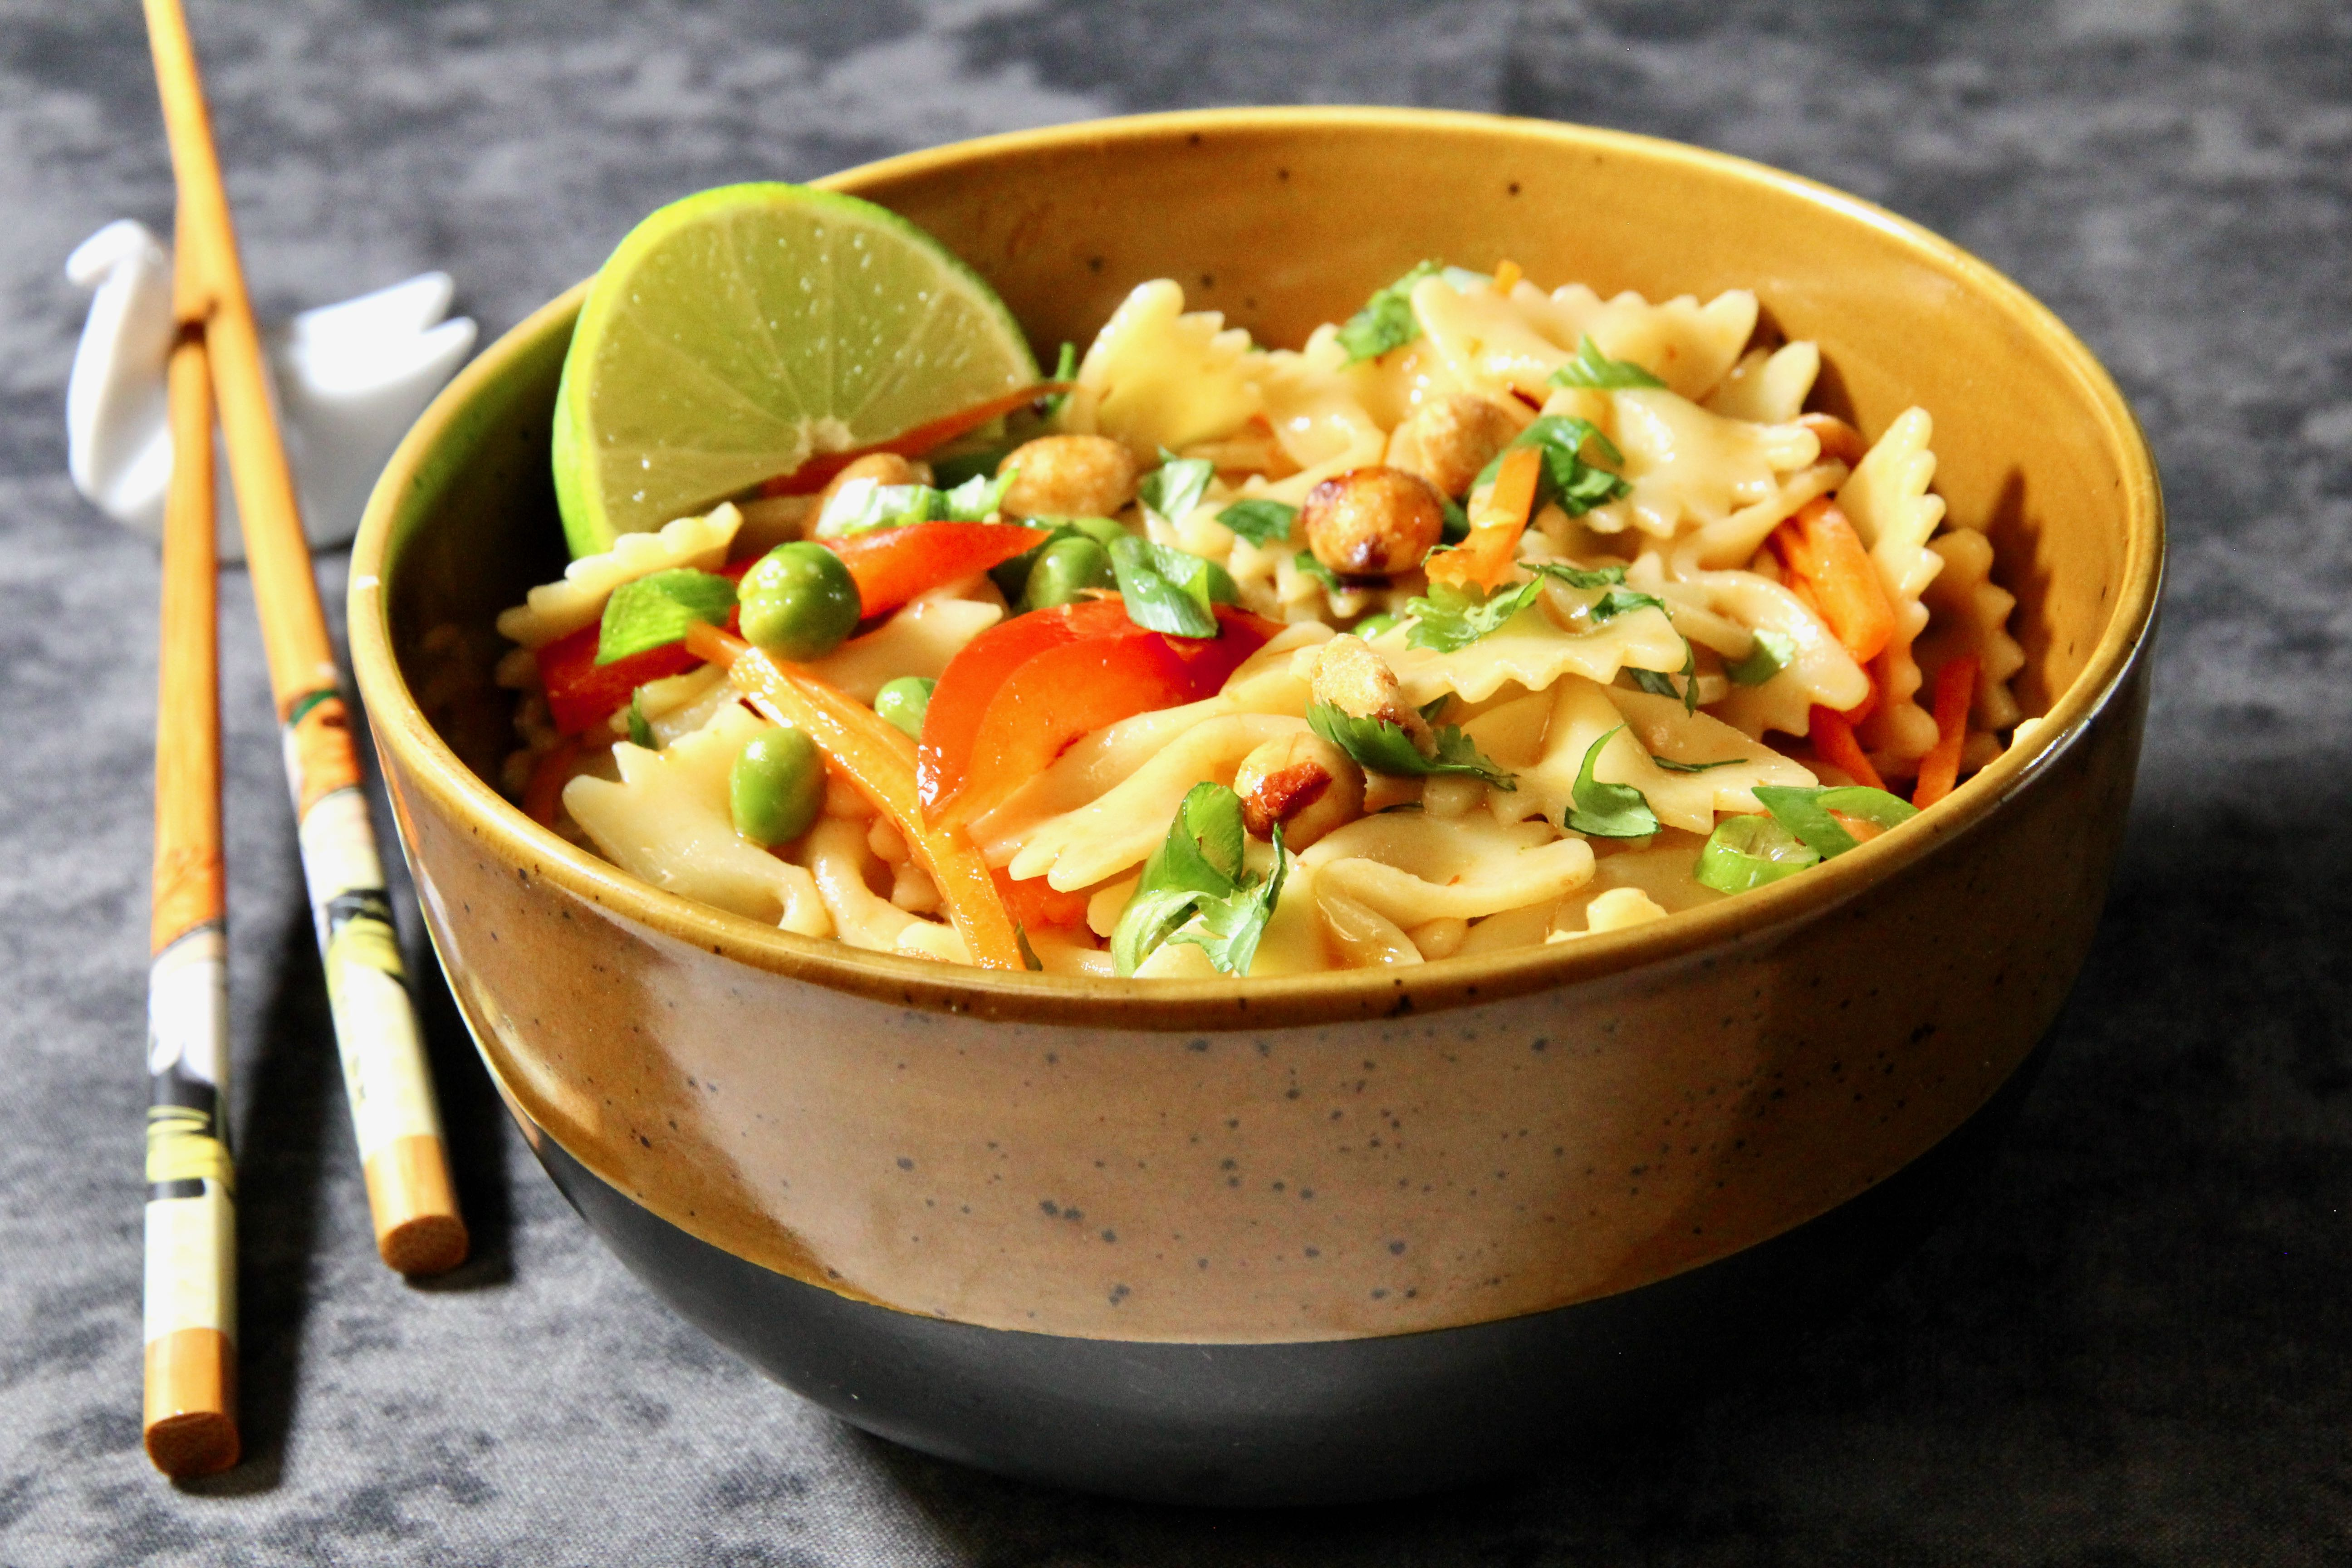 Spicy Thai Pasta Salad